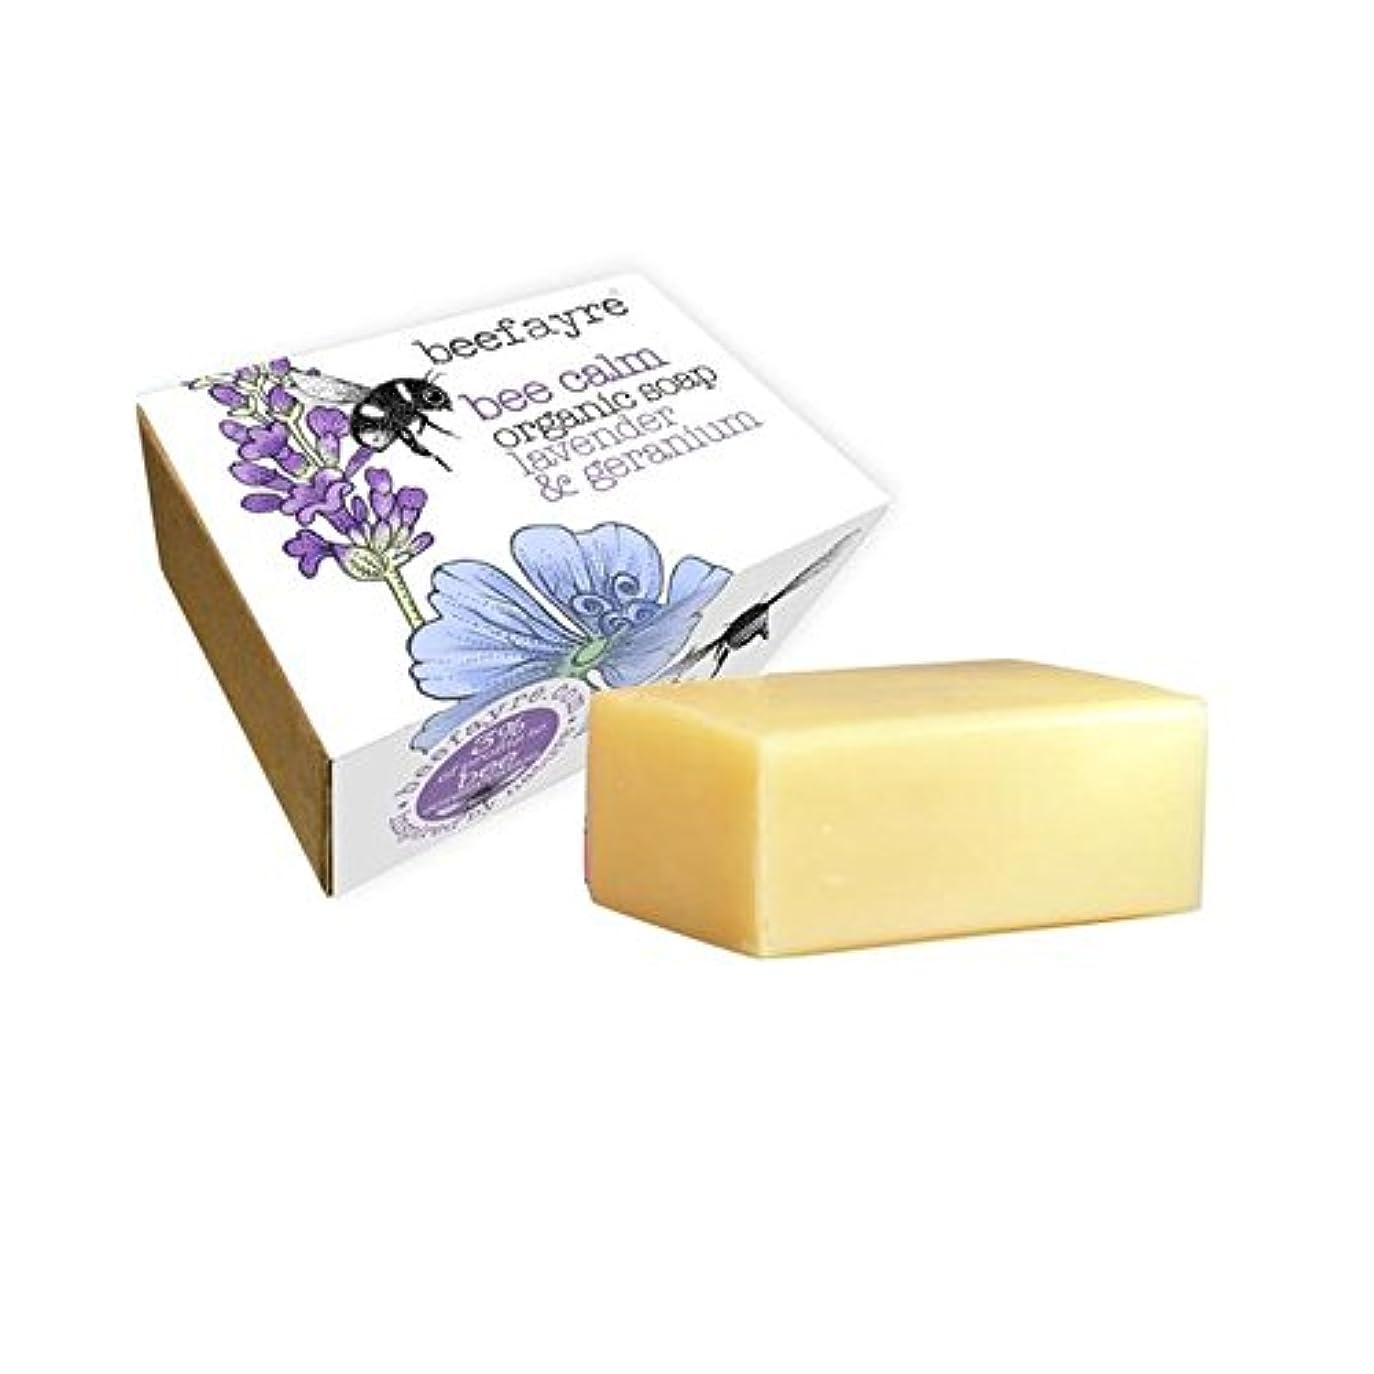 アルミニウム情熱外側Beefayre Organic Geranium & Lavender Soap - 有機ゼラニウム&ラベンダー石鹸 [並行輸入品]